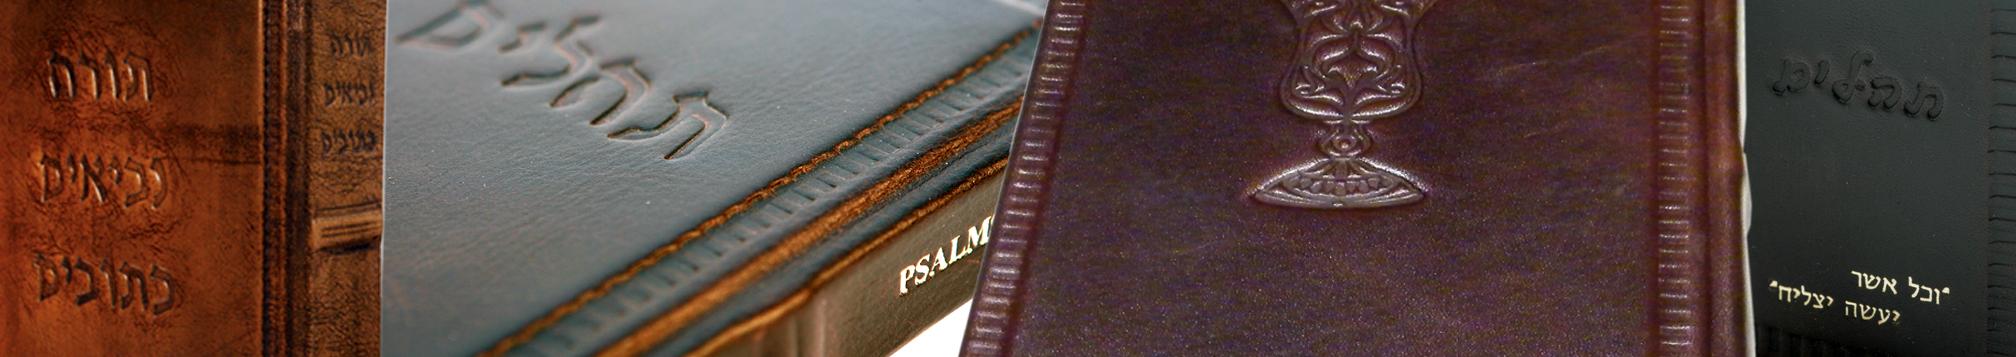 ספר ברכות